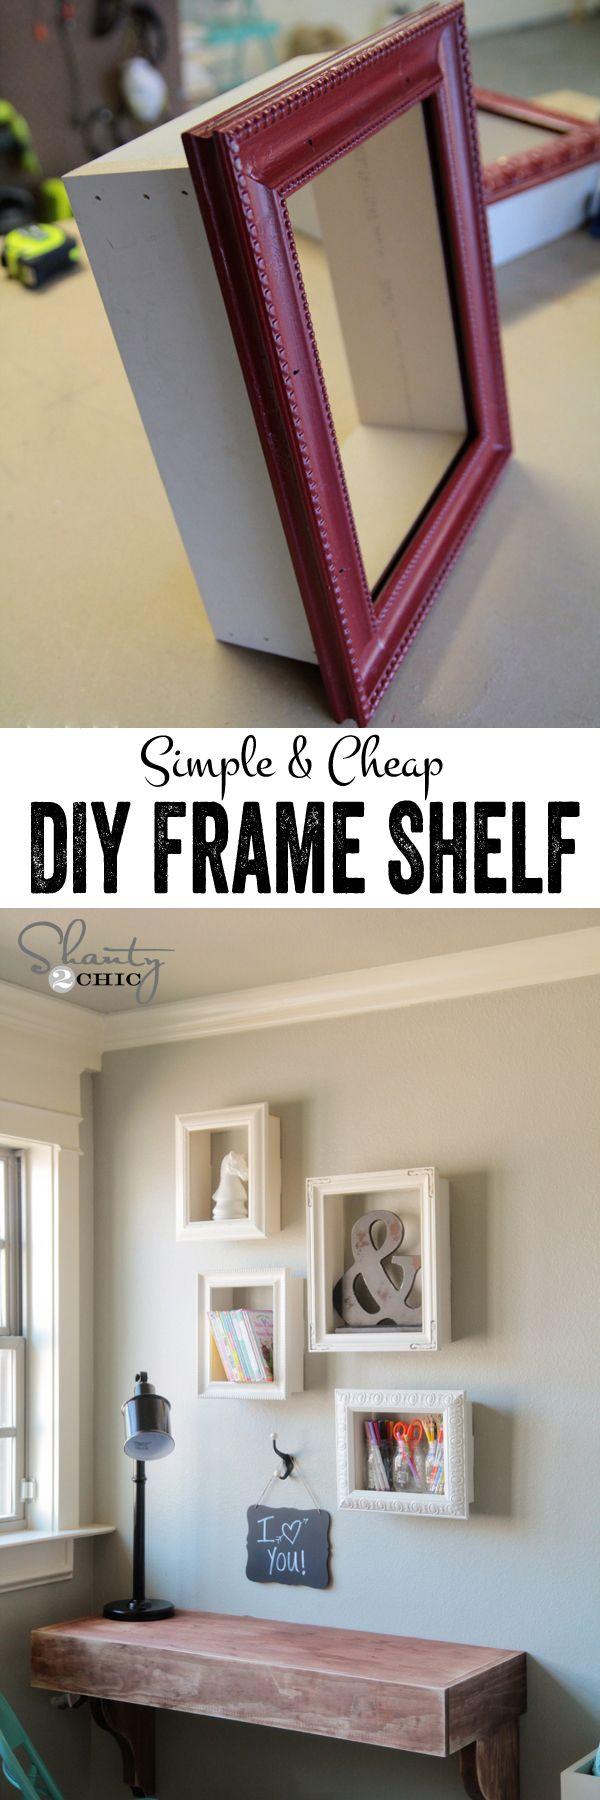 frameshelf